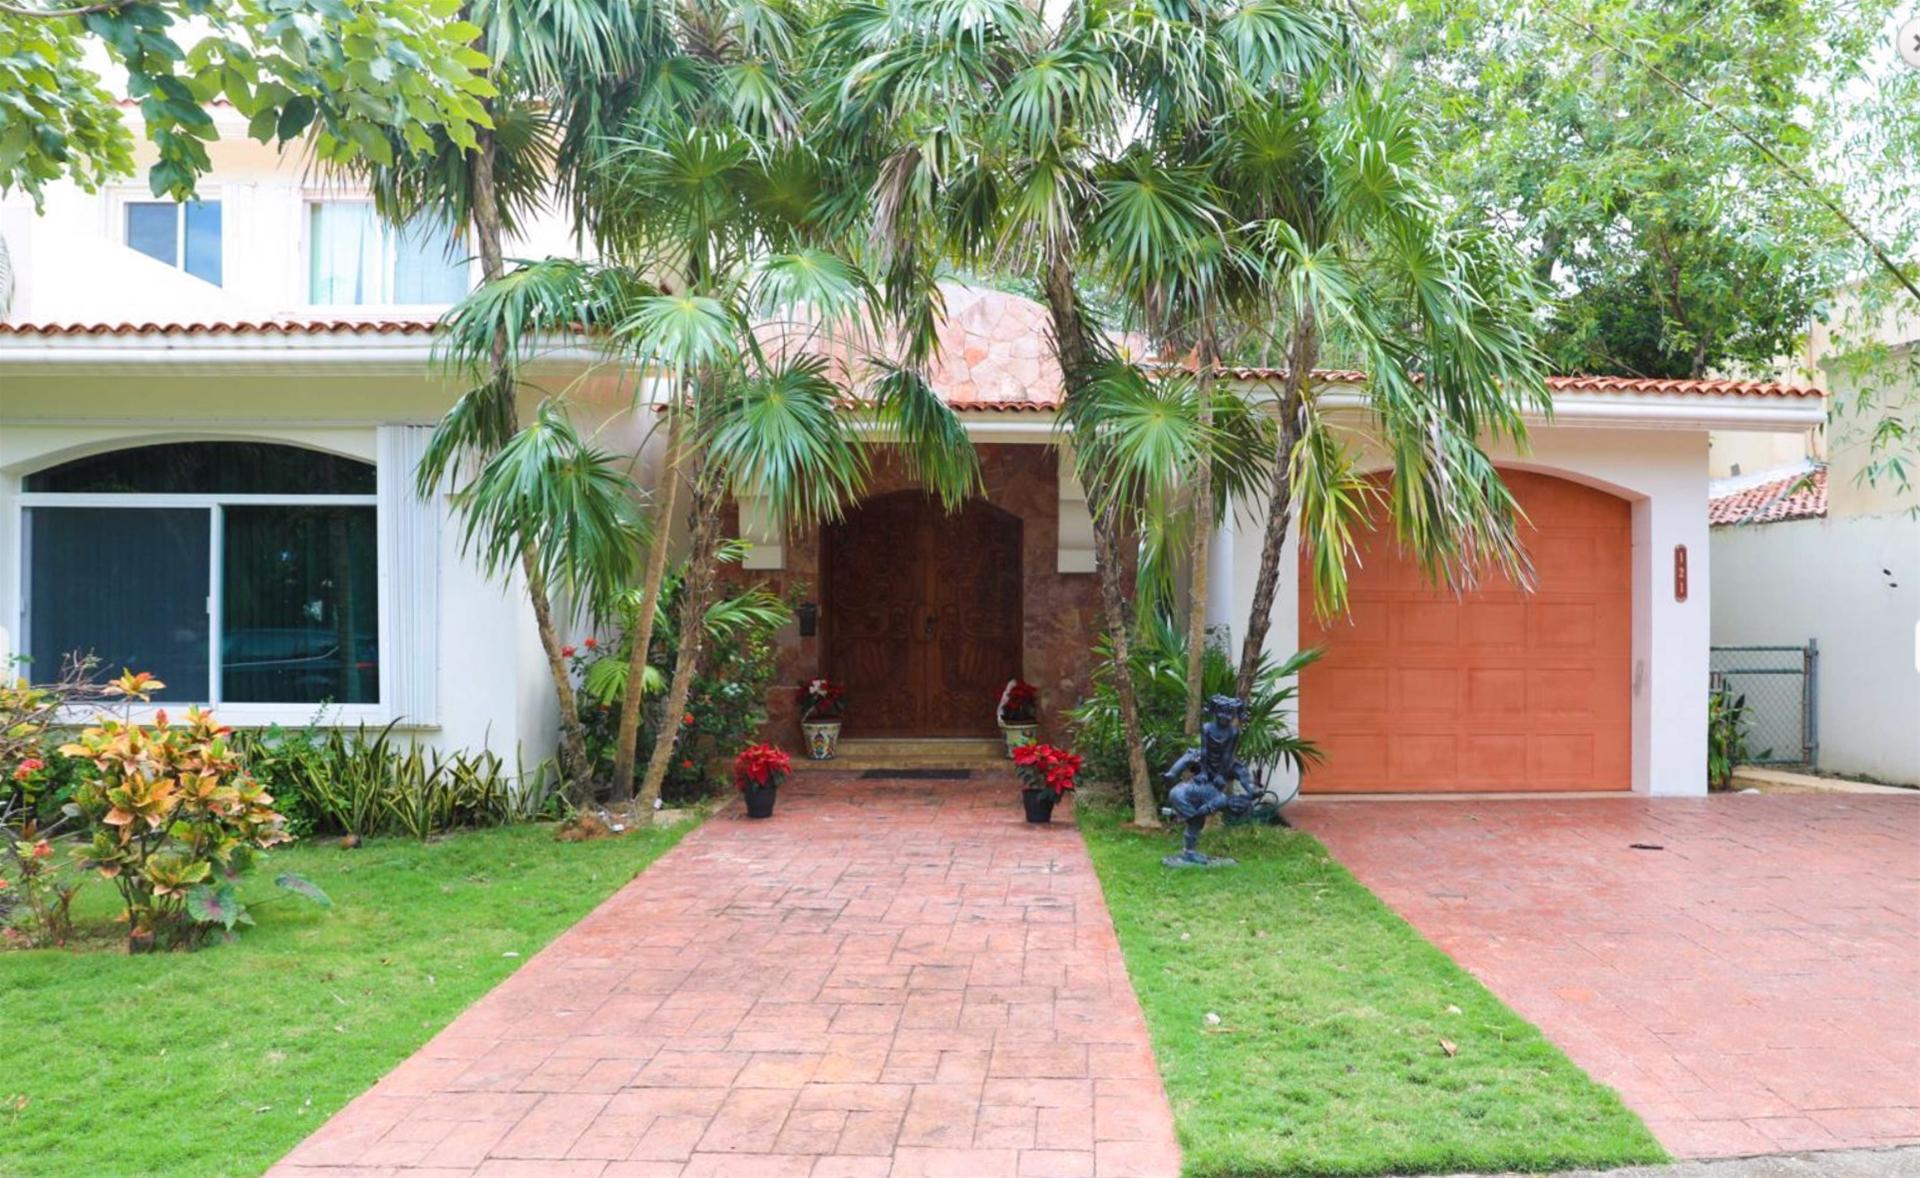 Casa del Arbol Grande Playa del Carmen Condo Home For Sale Real Estate to Buy